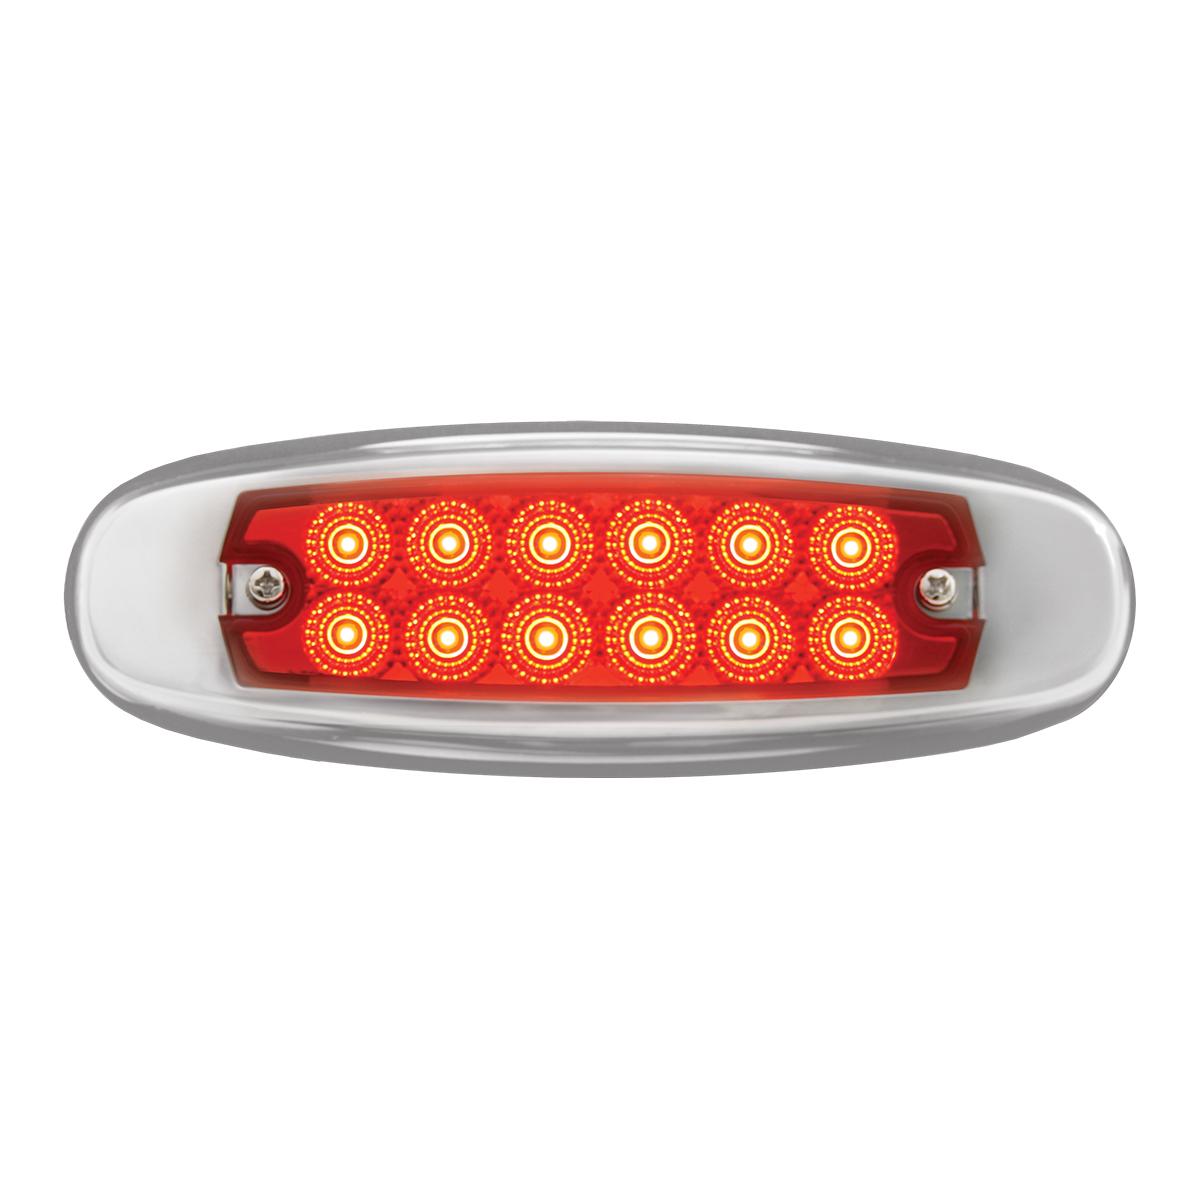 75131 24V Ultra Thin Spyder LED Marker Light w/ Stainless Steel Bezel